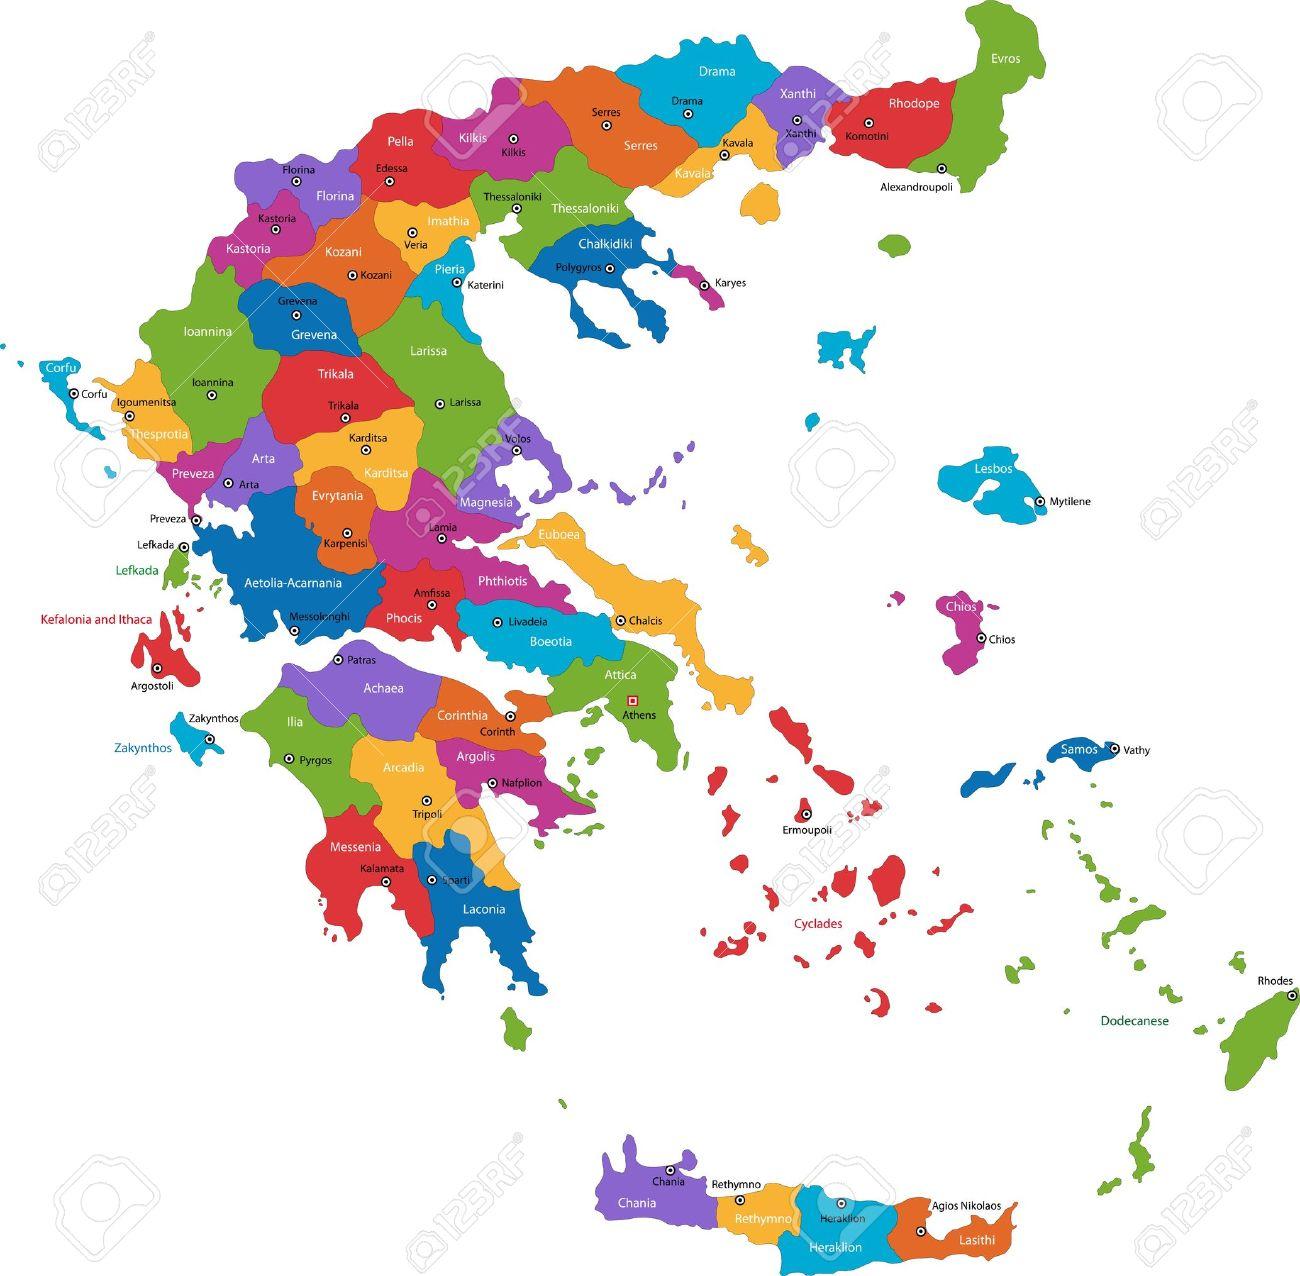 ギリシャの地方行政区画